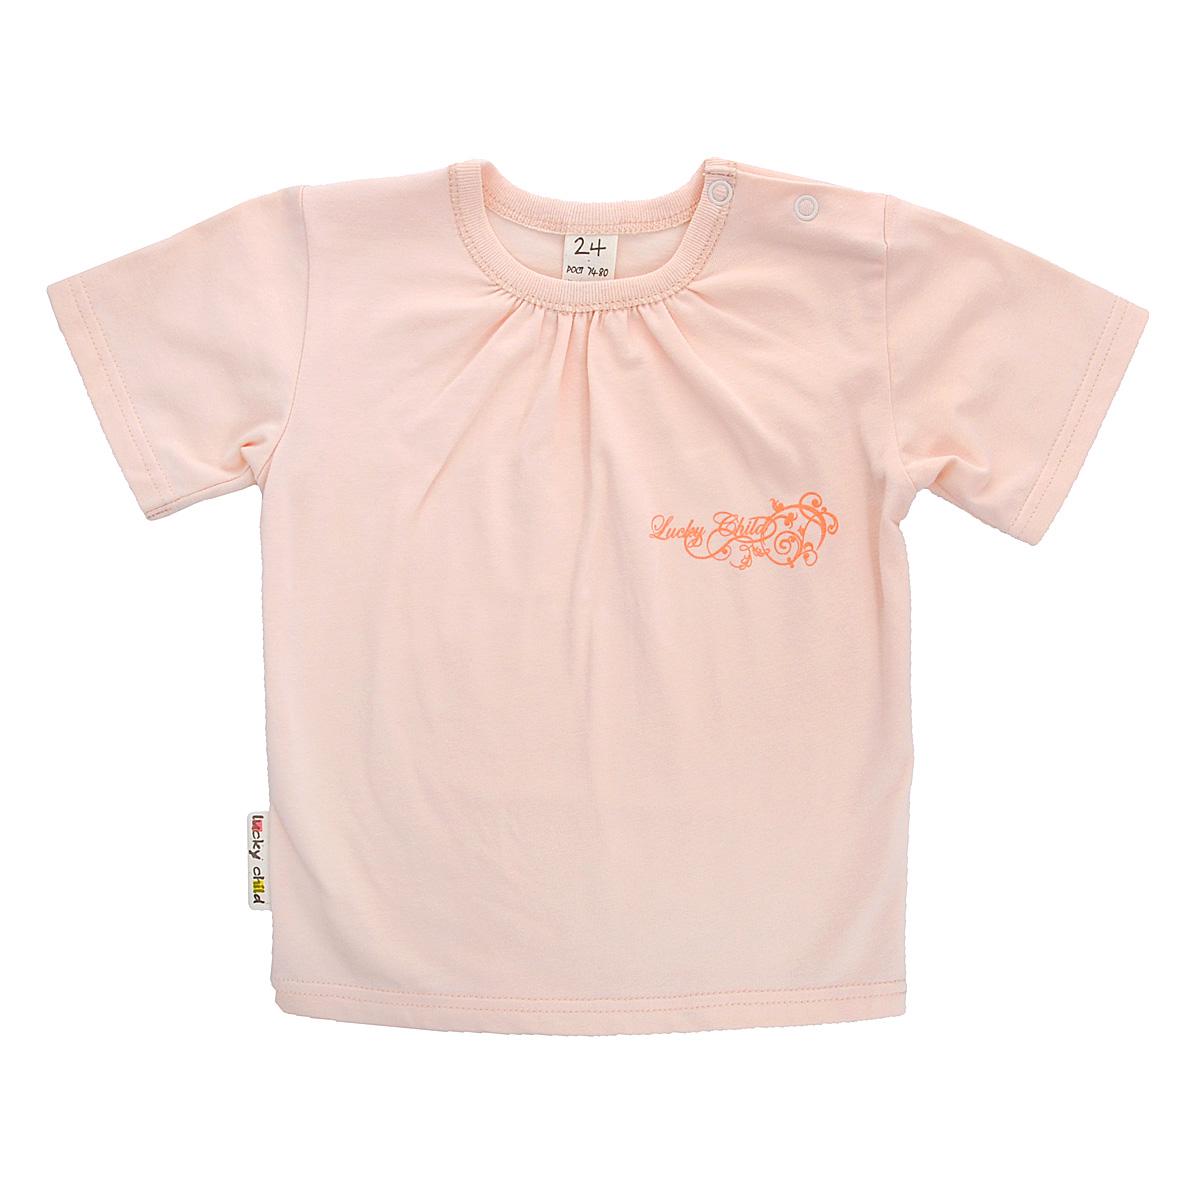 Футболка для девочки Lucky Child, цвет: персиковый. 12-26.1. Размер 80/8612-26.1Детская футболка для девочки Lucky Child послужит идеальным дополнением к гардеробу вашей малышки, обеспечивая ей наибольший комфорт. Изготовленная из натурального хлопка, она необычайно мягкая и легкая, не раздражает нежную кожу ребенка и хорошо вентилируется, а эластичные швы приятны телу малышки и не препятствуют ее движениям. Футболка с короткими рукавами и круглым врезом горловины имеет кнопки по плечу, которые позволяют без труда переодеть ребенка. На груди с левой стороны она дополнена небольшим принтом в виде логотипа бренда. Футболка полностью соответствует особенностям жизни ребенка в ранний период, не стесняя и не ограничивая его в движениях!